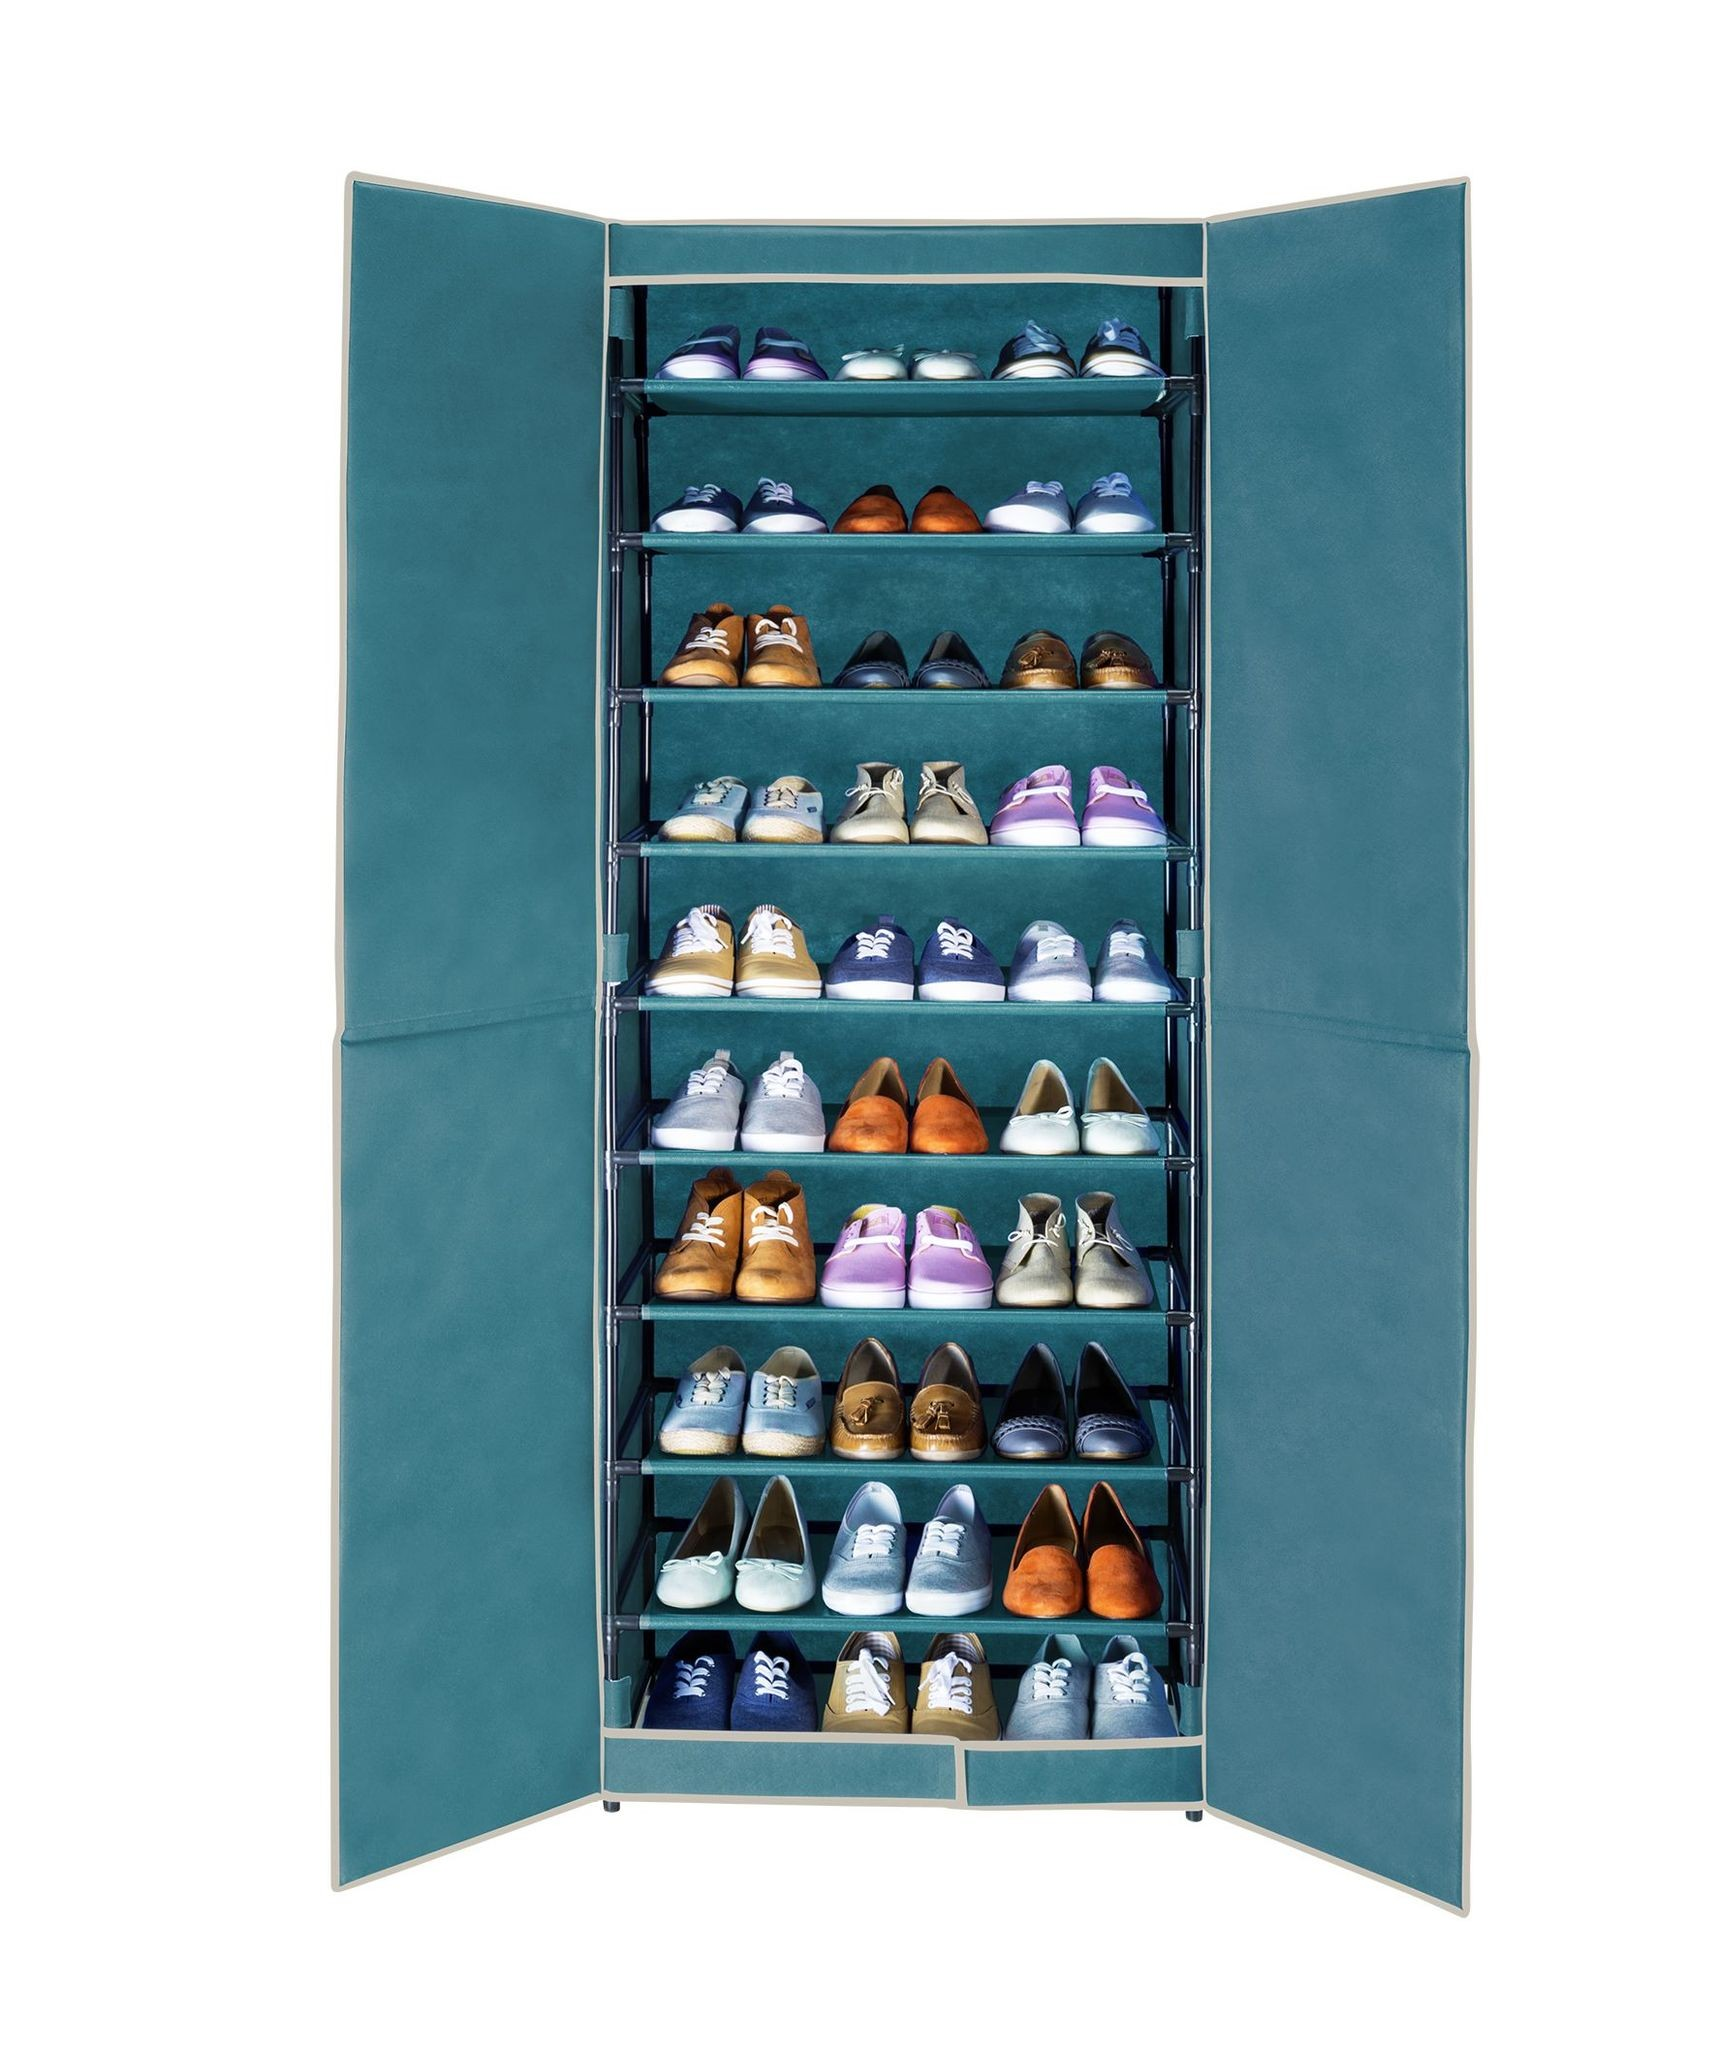 schuhschrank breeze f r bis zu 30 paar schuhe von wenko jetzt kaufen bei wc. Black Bedroom Furniture Sets. Home Design Ideas